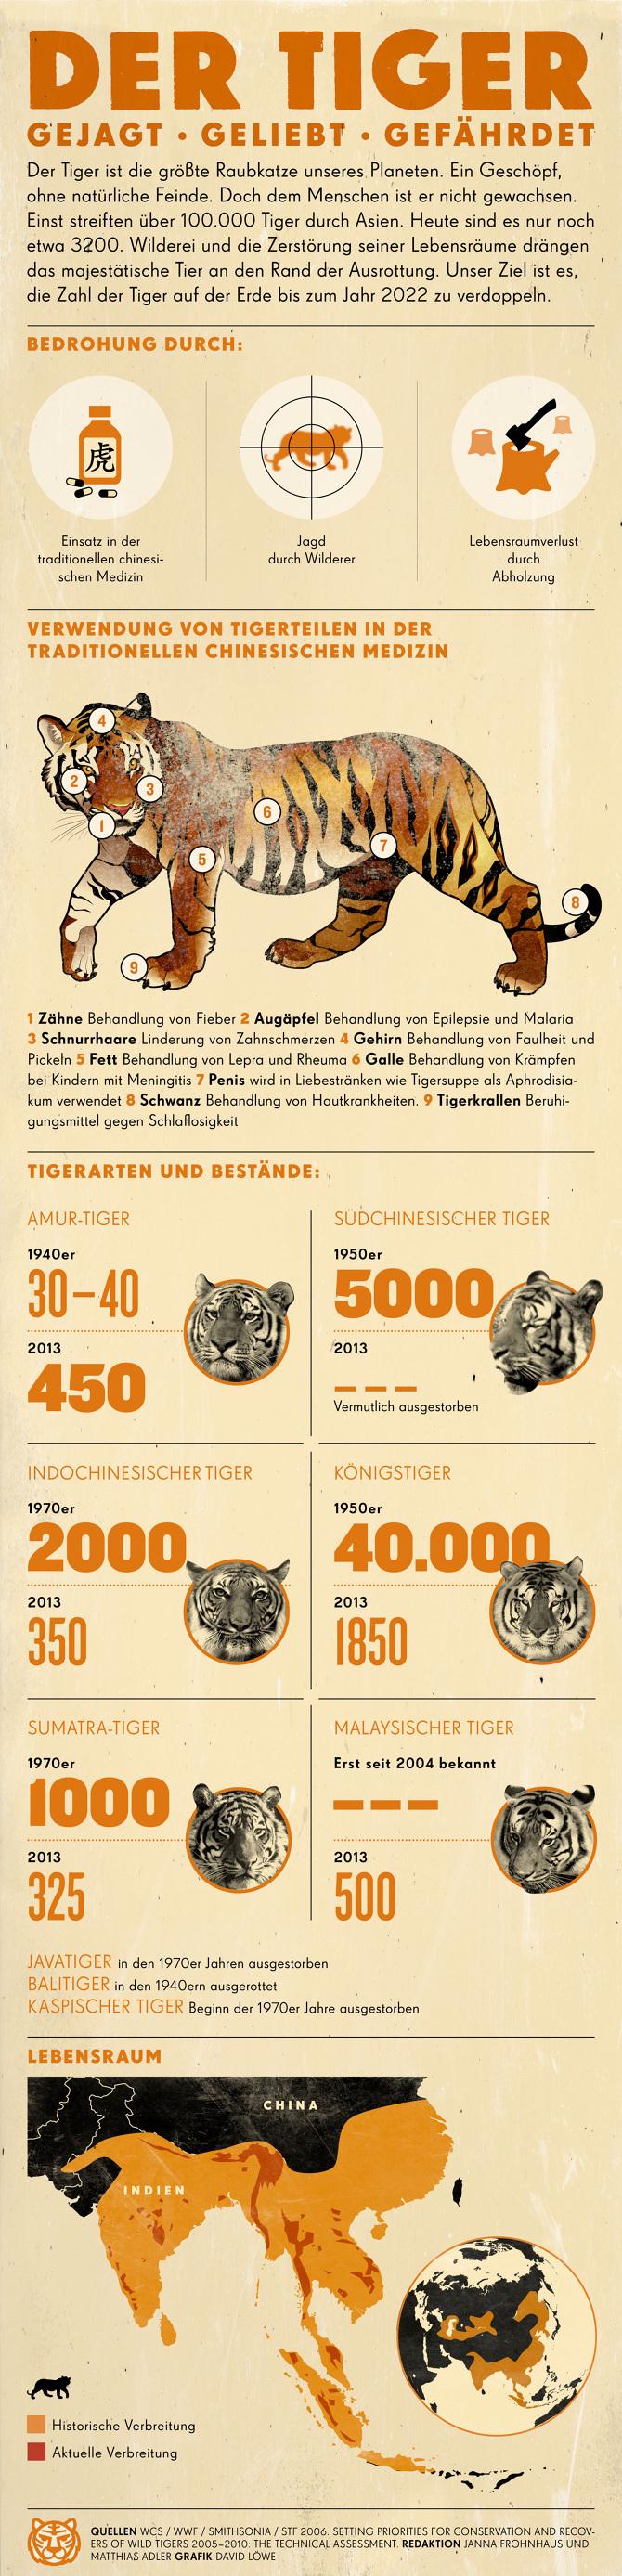 http://www.davidloewe.de